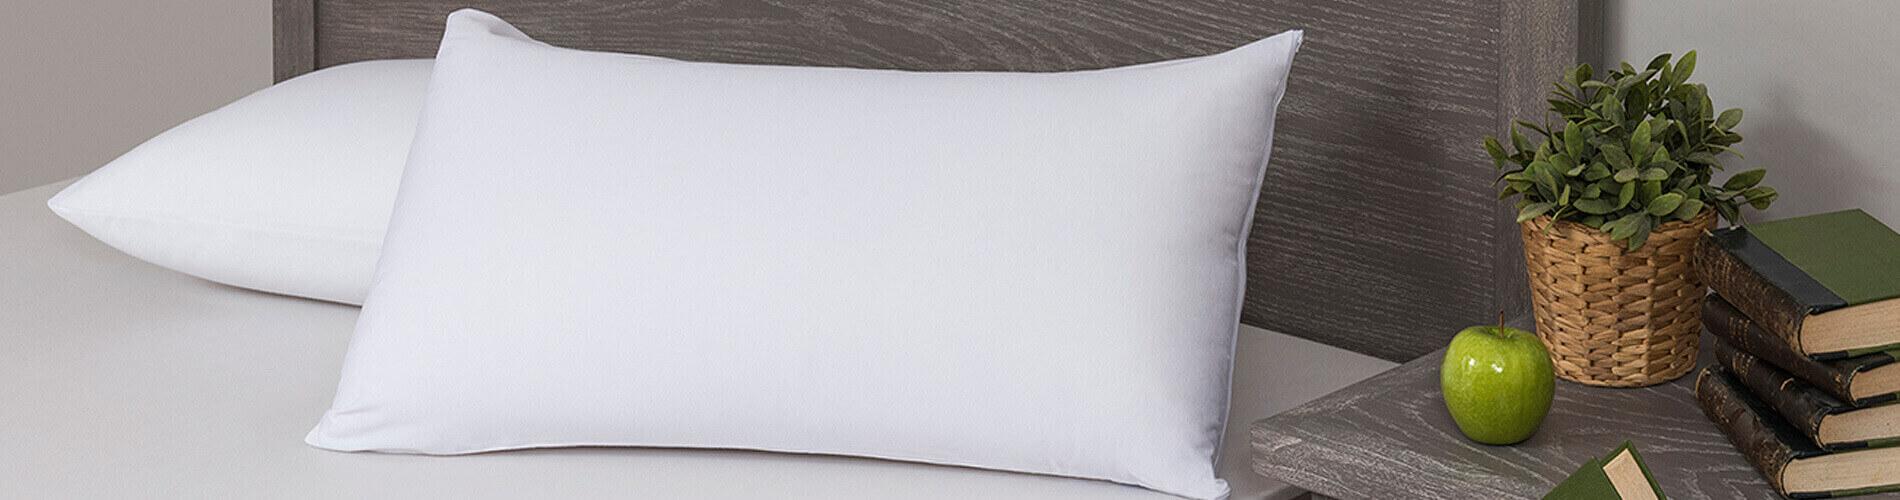 La protección perfecta para tu almohada, funda natural para almohada